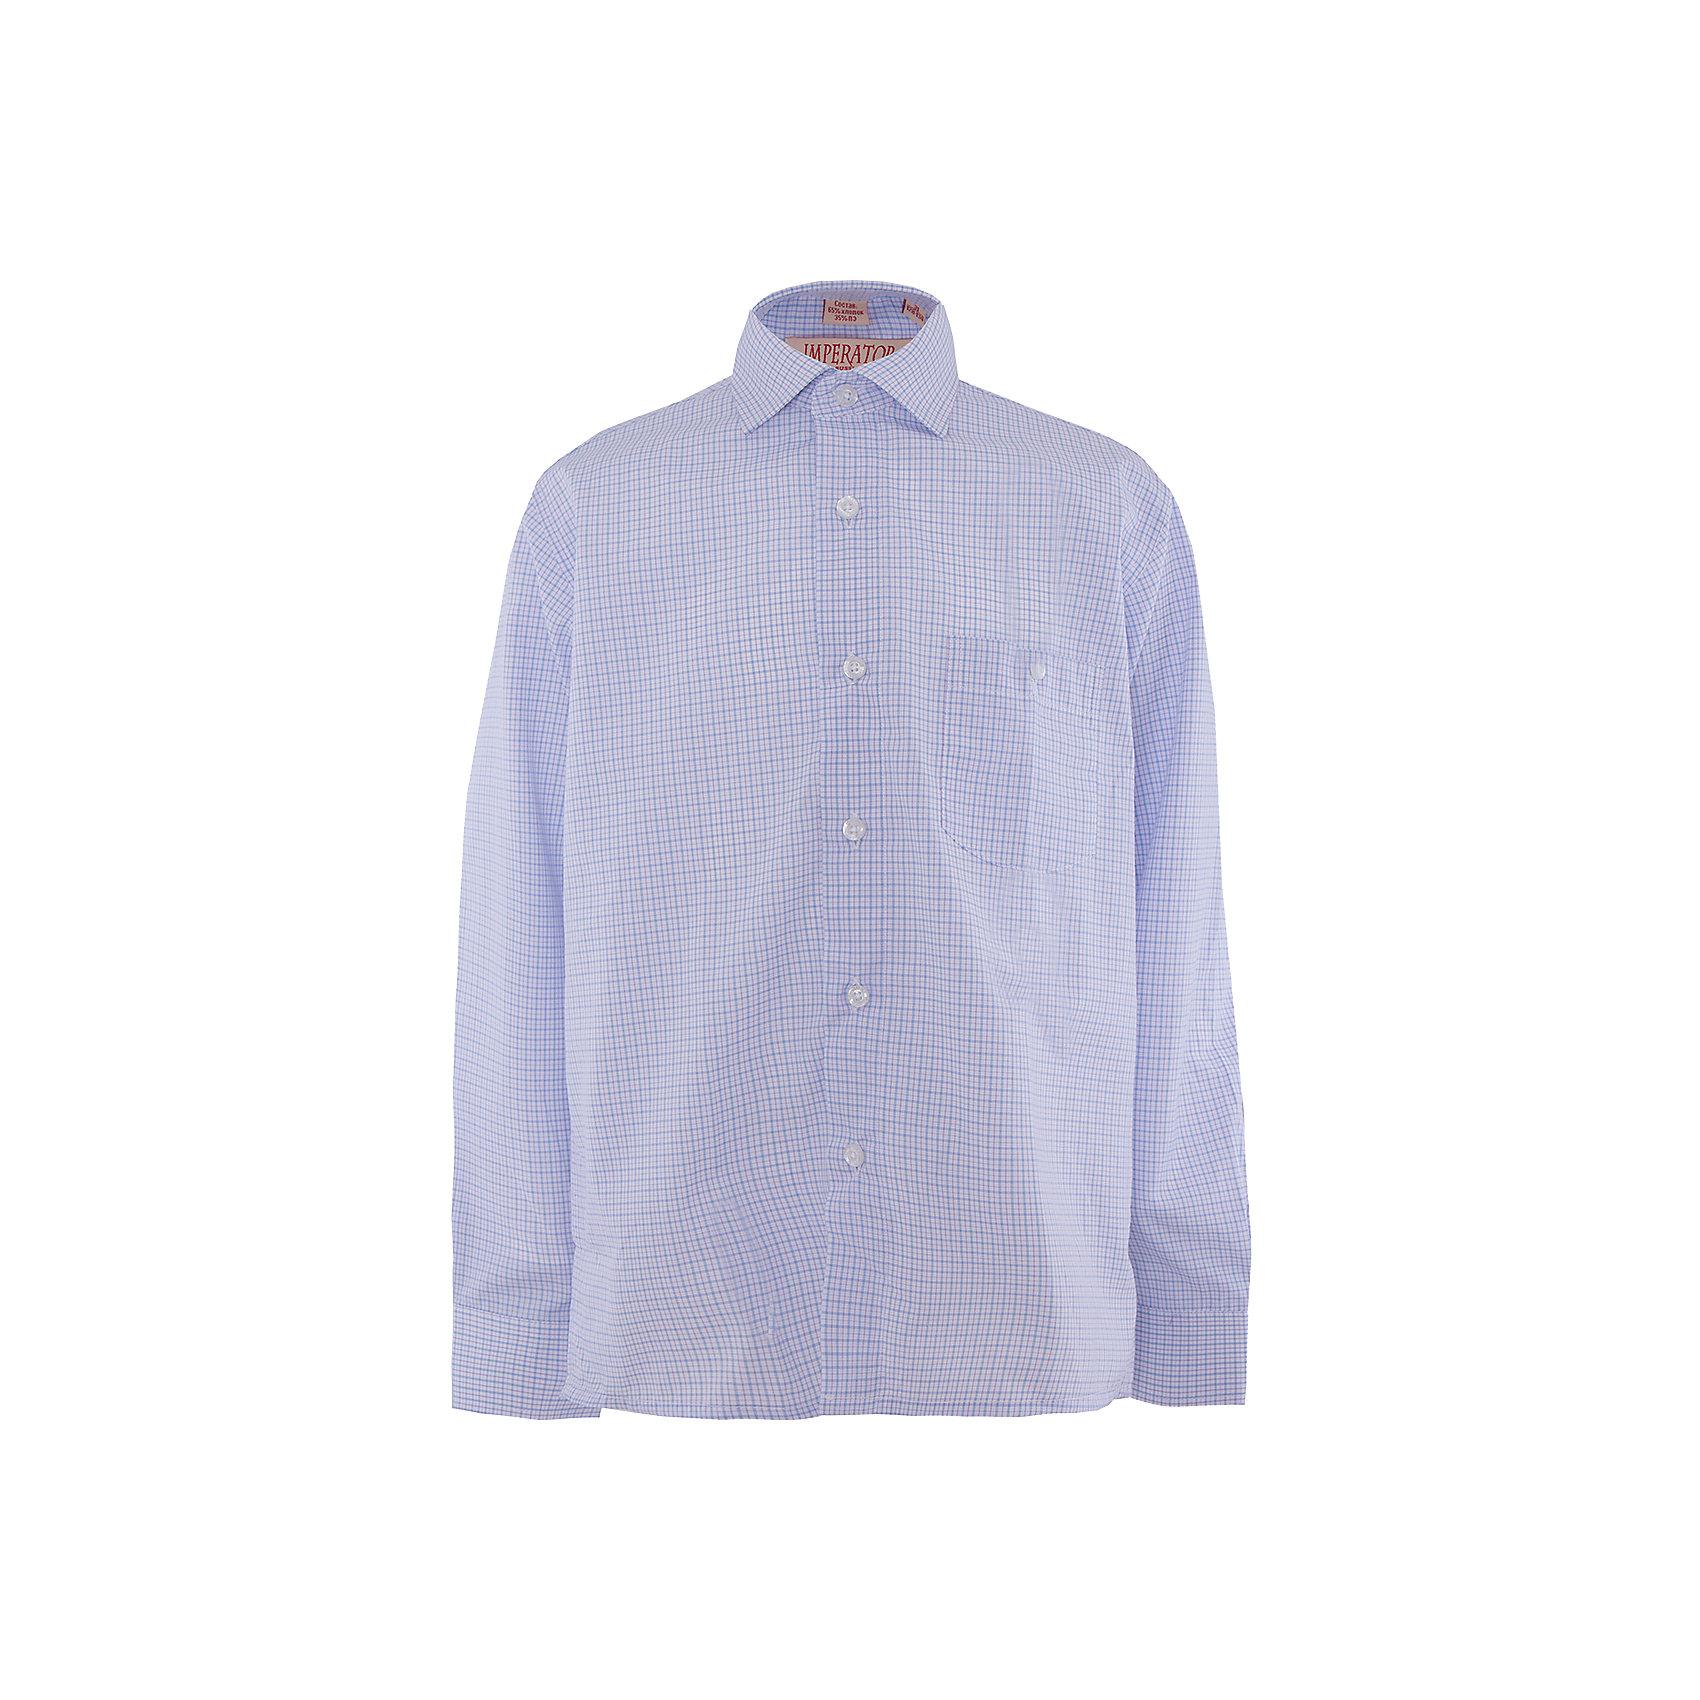 Рубашка для мальчика ImperatorБлузки и рубашки<br>Рубашка для мальчика от российской марки Imperator <br><br>Модная сиреневая рубашка отлично подойдет и для школьных будней и для праздничных мероприятий. Модель хорошо сидит, не стесняет движения. Материал - гипоаллергенный, дышащий и приятный на ощупь.<br><br>Особенности модели:<br><br>- материал - тонкий, с содержанием хлопка;<br>- цвет - сиреневый;<br>- карман на груди;<br>- длинный рукав;<br>- застежки-пуговицы;<br>- отложной воротник и манжеты;<br>- пуговицы на манжетах.<br><br>Дополнительная информация:<br><br>Состав: 65% хлопок, 35% полиэстер<br><br>Габариты:<br><br>длина рукава - 57 см;<br>длина по спинке - 68 см.<br><br>* соответствует размеру 35/158-164<br><br>Уход за изделием:<br><br>стирка в машине при температуре до 40°С,<br>не отбеливать,<br>гладить на средней температуре.<br><br>Рубашку для мальчика от российской марки Imperator (Император) можно купить в нашем магазине.<br><br>Ширина мм: 174<br>Глубина мм: 10<br>Высота мм: 169<br>Вес г: 157<br>Цвет: фиолетовый<br>Возраст от месяцев: 144<br>Возраст до месяцев: 156<br>Пол: Мужской<br>Возраст: Детский<br>Размер: 152/158,134/140,128/134,122/128,140/146,146/152,158/164,164/170<br>SKU: 4295956